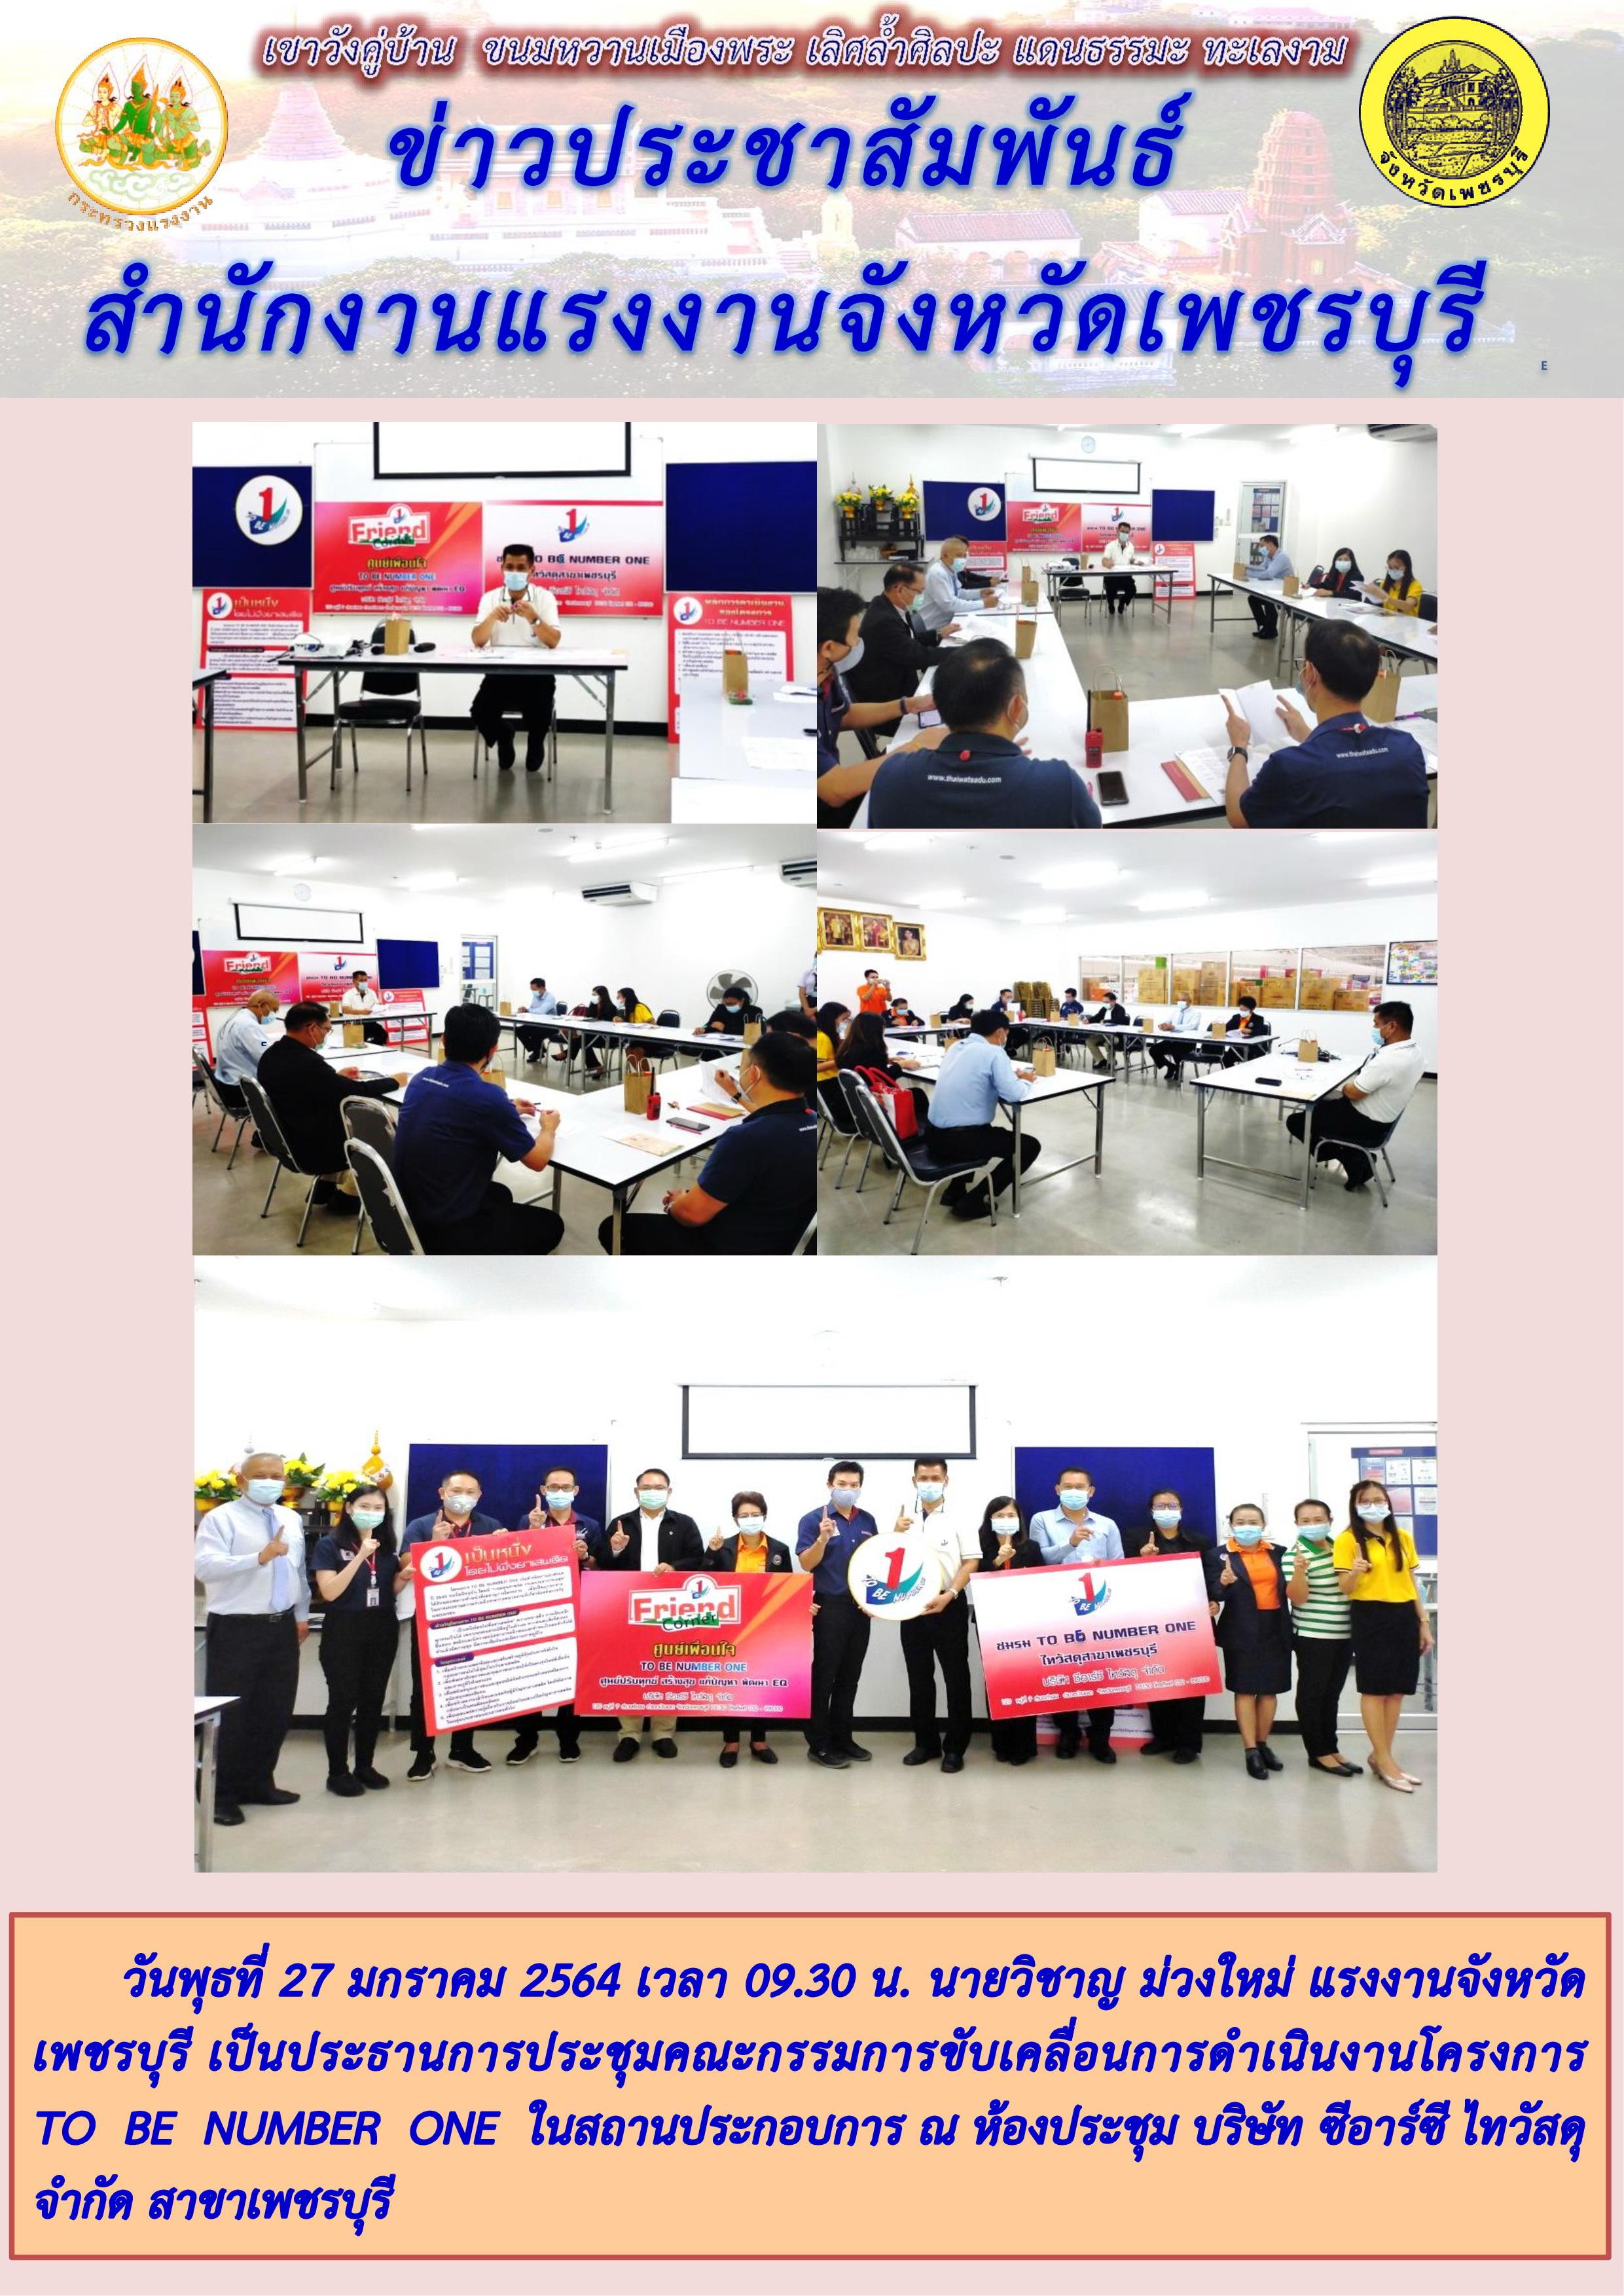 แรงงานจังหวัดเพชรบุรีจัดประชุมคณะกรรมการขับเคลื่อนการดำเนินงานโครงการ TO BE NUMBER ONE